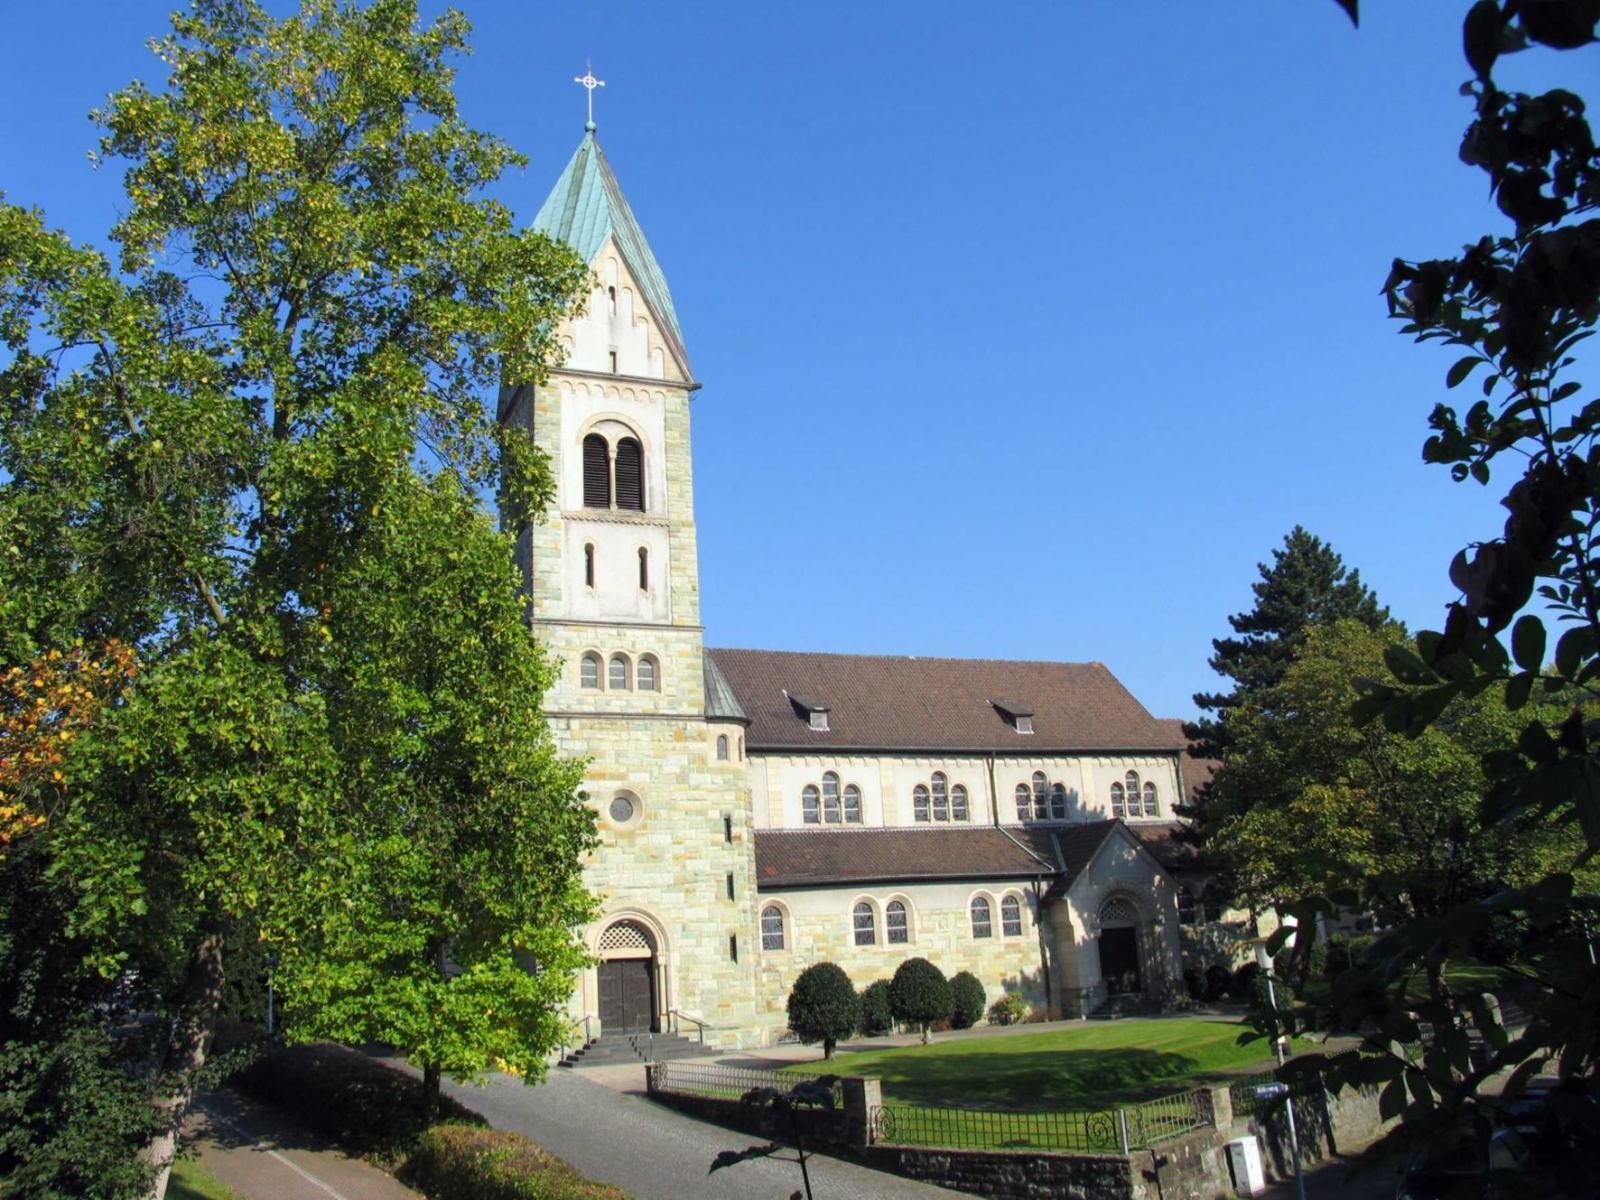 Außenaufnahme der Herz-Jesu-Kirche in Bochum Werne